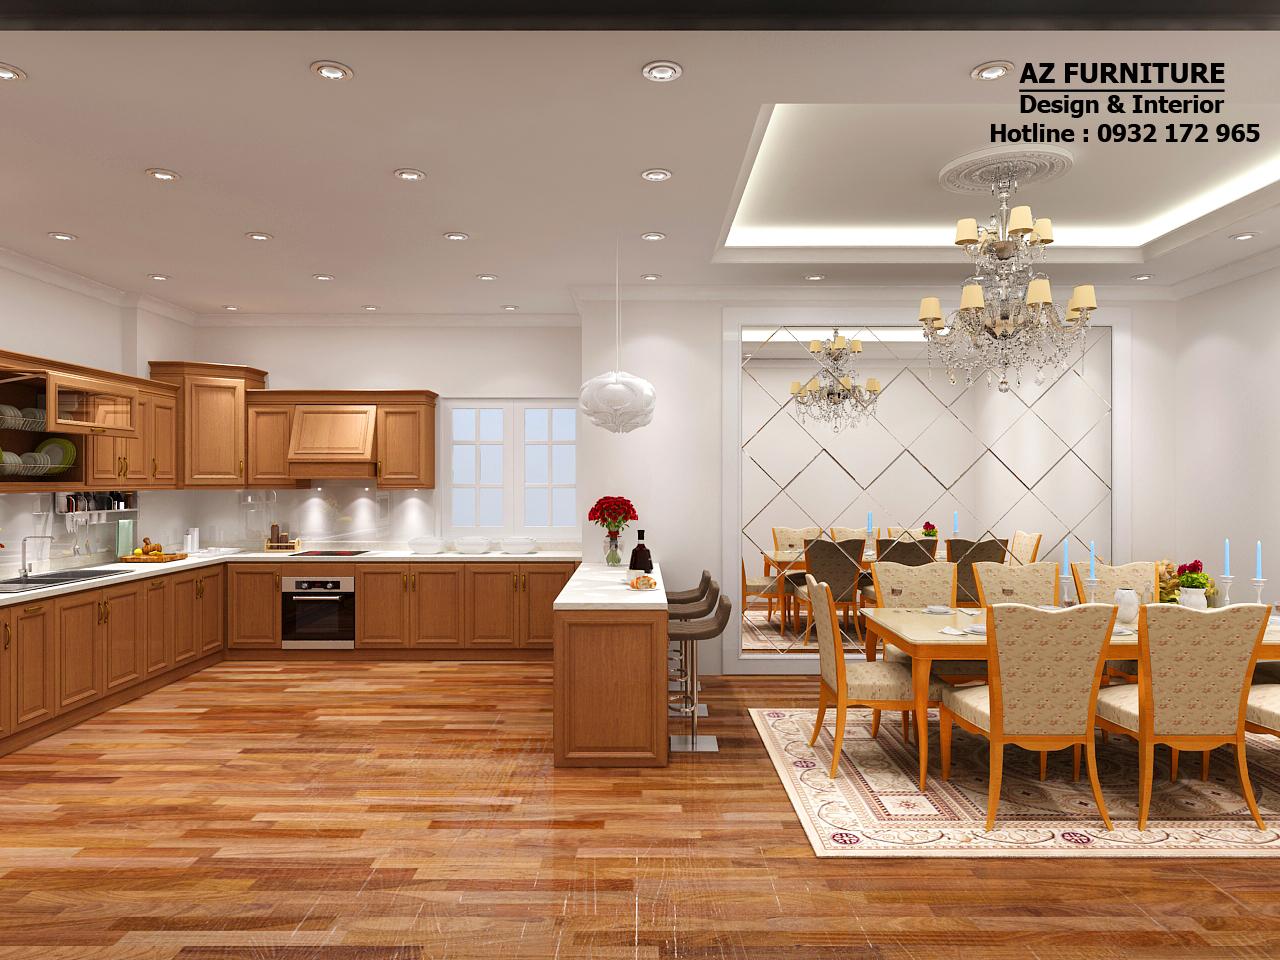 thiết kế nội thất phòng ăn, phòng bếp chung cư